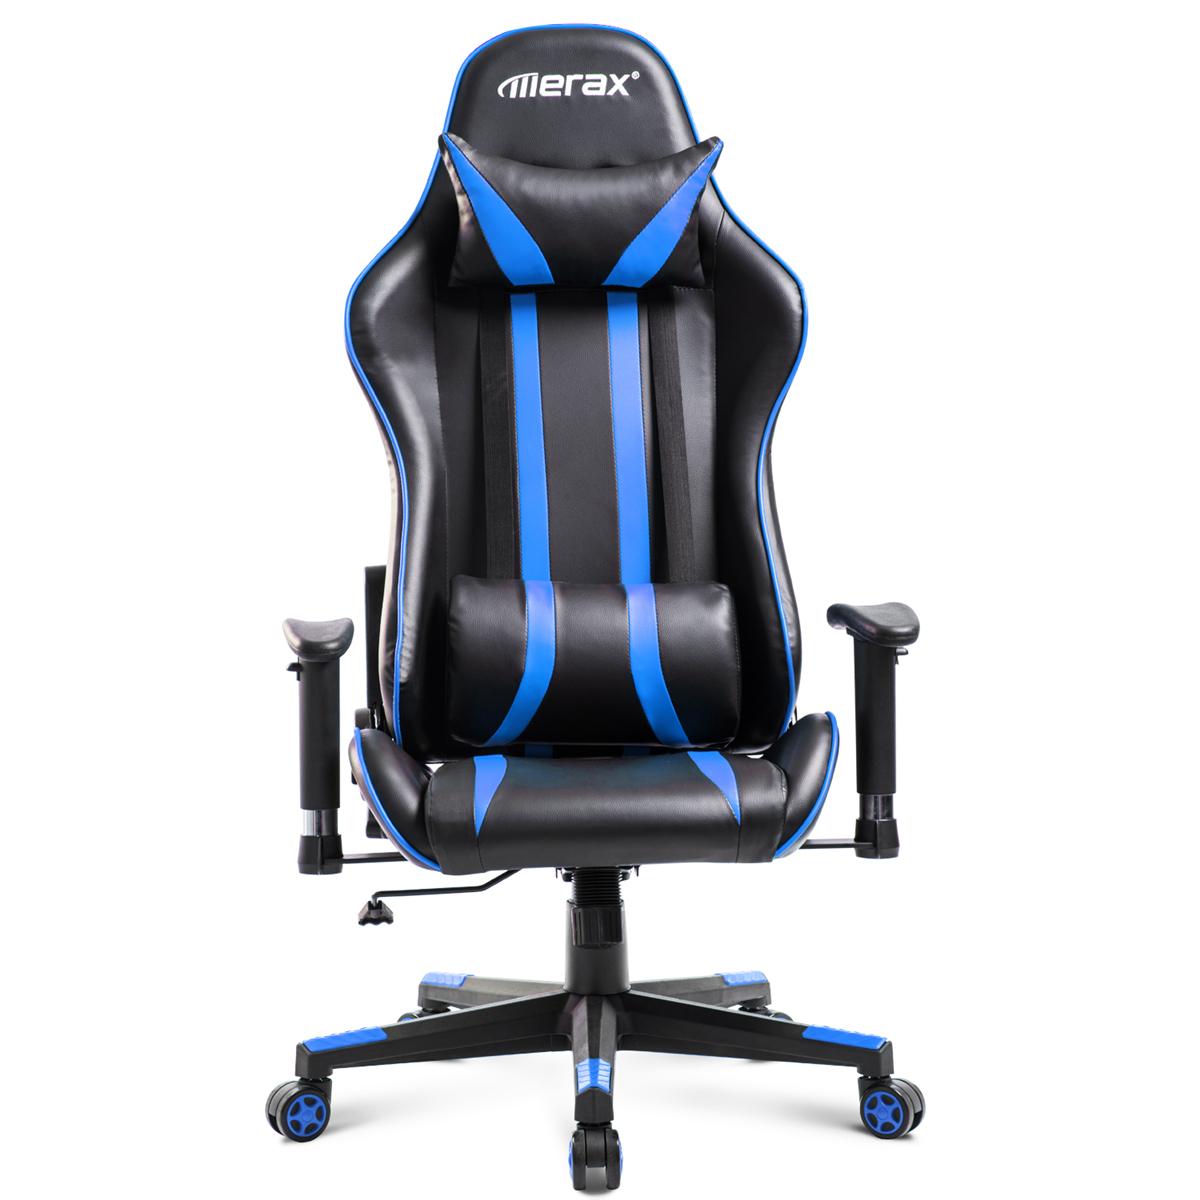 Merax Офисный стул Эргономичный высокоспинный гоночный игровой стул Компьютерный стул Кожа PU Регулируемая высота Вращающийся подъемный сту